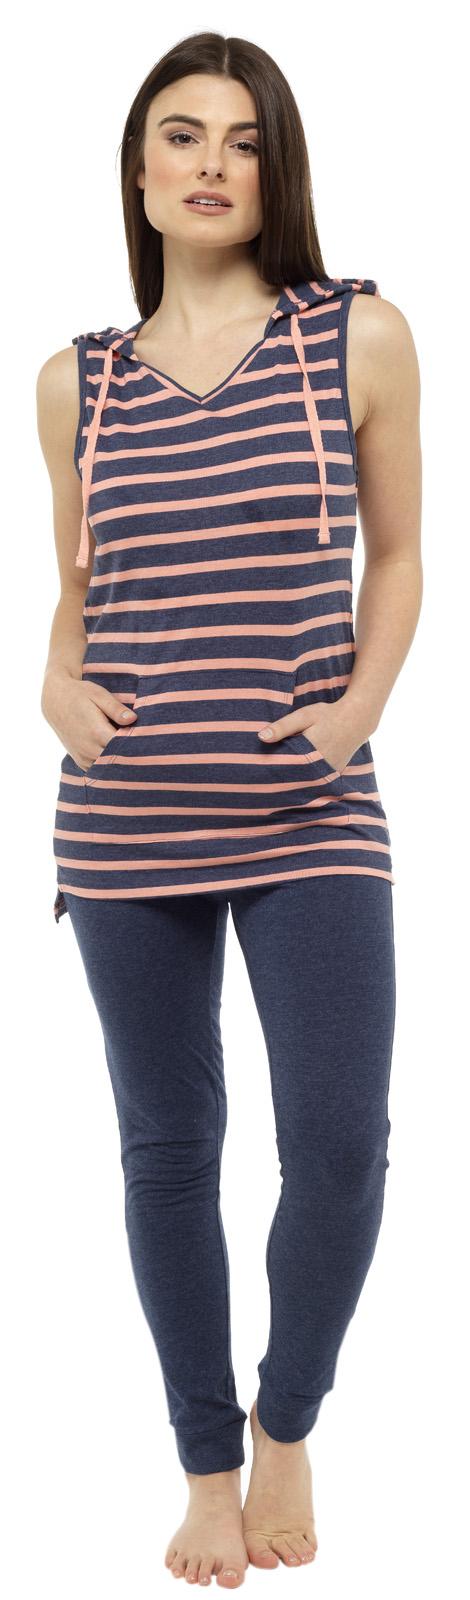 Leggings Jersey Pyjamas Pjs Set Womens Hooded Lounge Set Sleeveless Hoodie